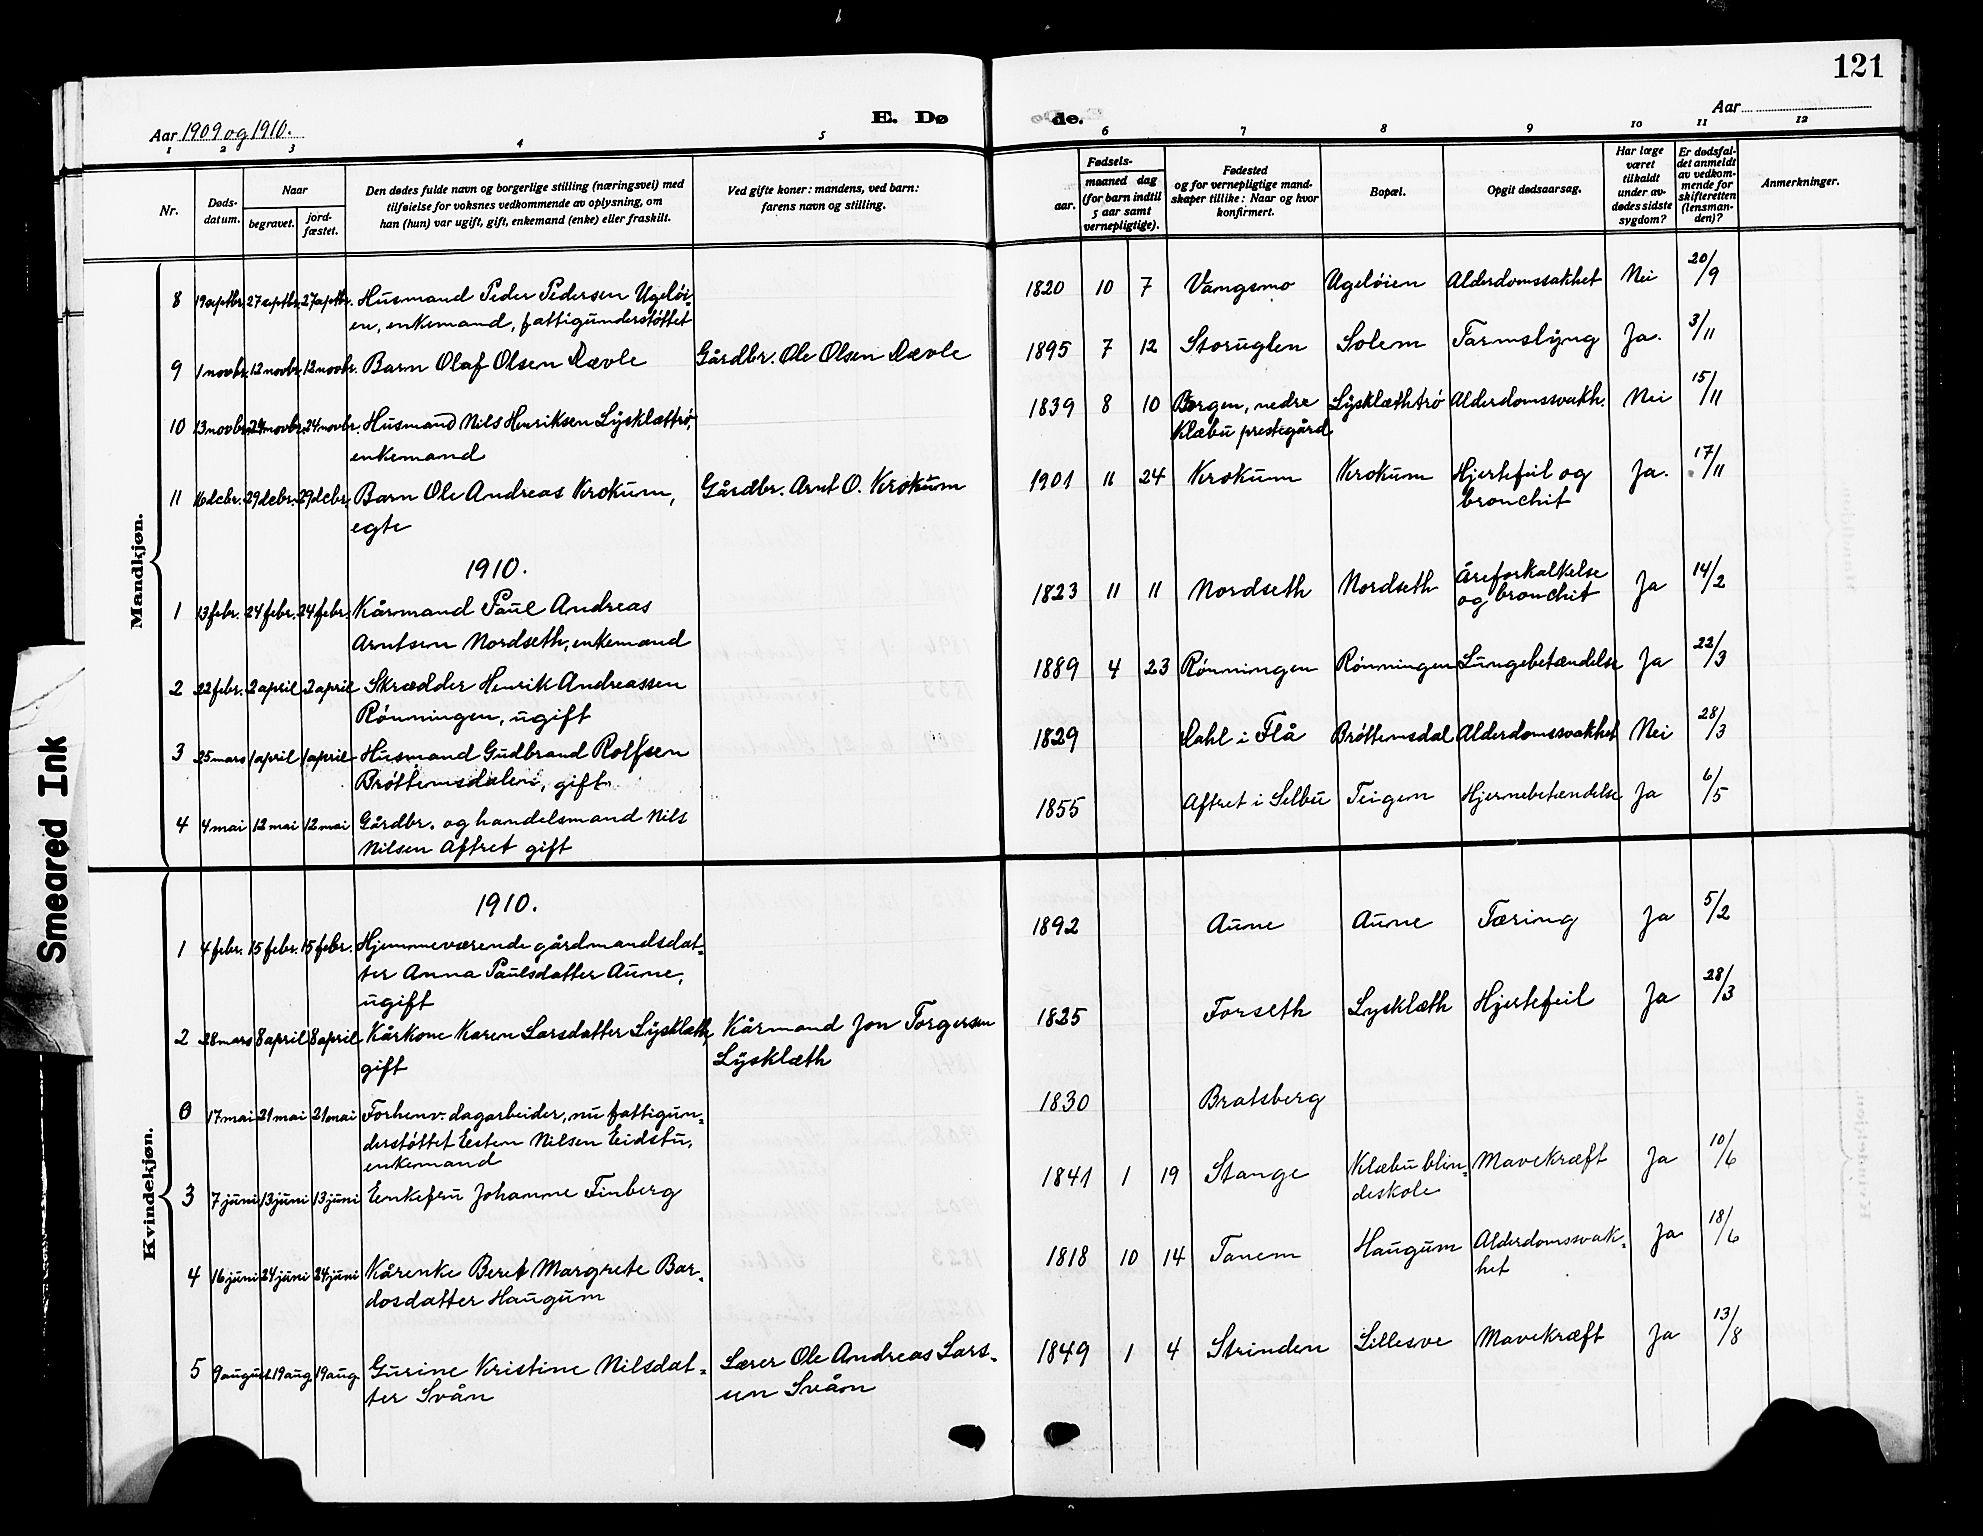 SAT, Ministerialprotokoller, klokkerbøker og fødselsregistre - Sør-Trøndelag, 618/L0453: Klokkerbok nr. 618C04, 1907-1925, s. 121